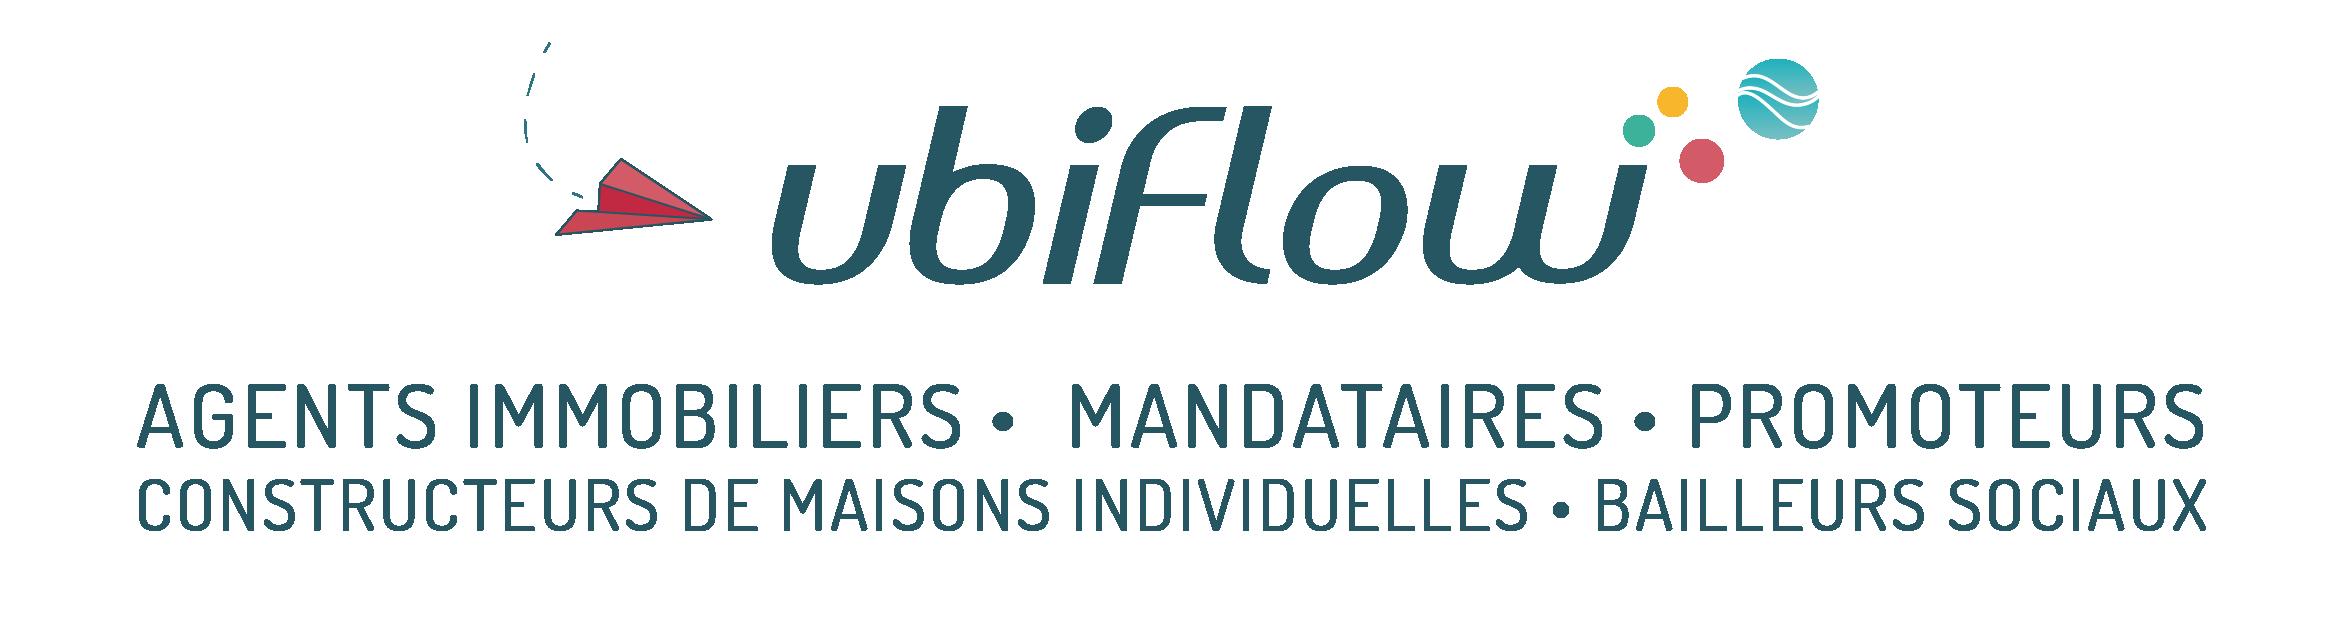 Logo Ubiflow - Agents Immobiliers - Mandataires - Promoteurs - CMI - Bailleurs sociaux